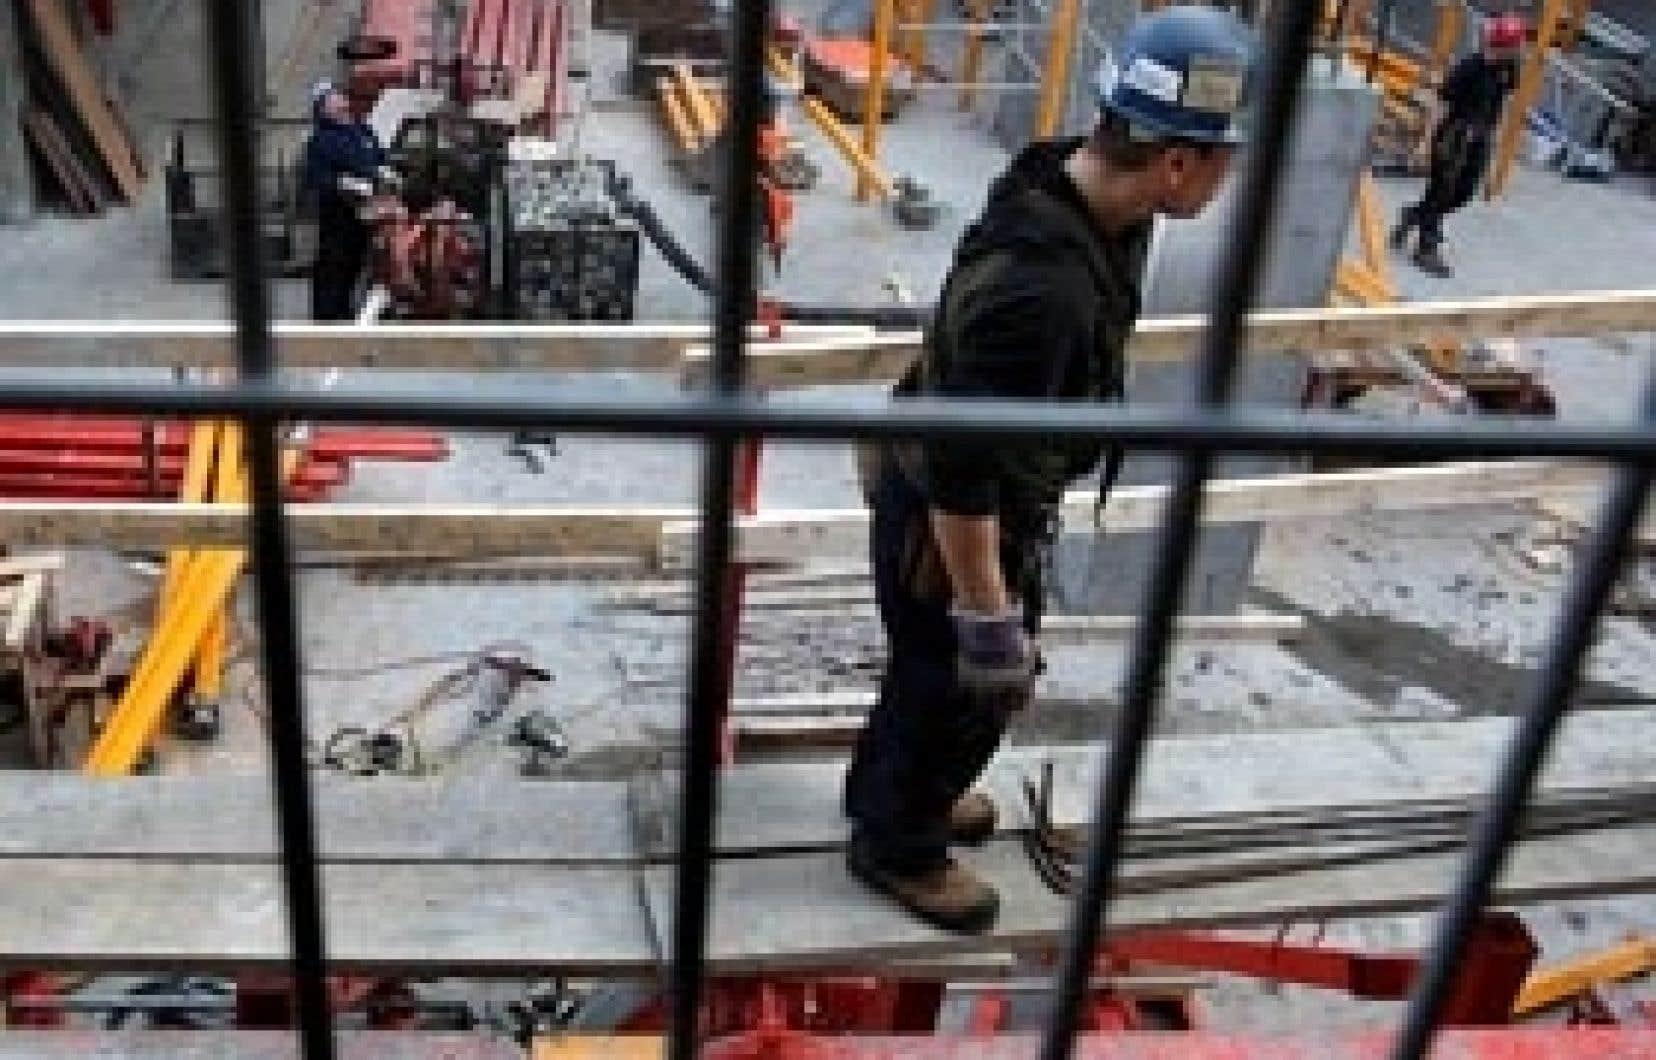 Sur un budget total d'environ 125 millions, la Commission de la construction du Québec consacre 27 millions au combat contre l'évasion fiscale.